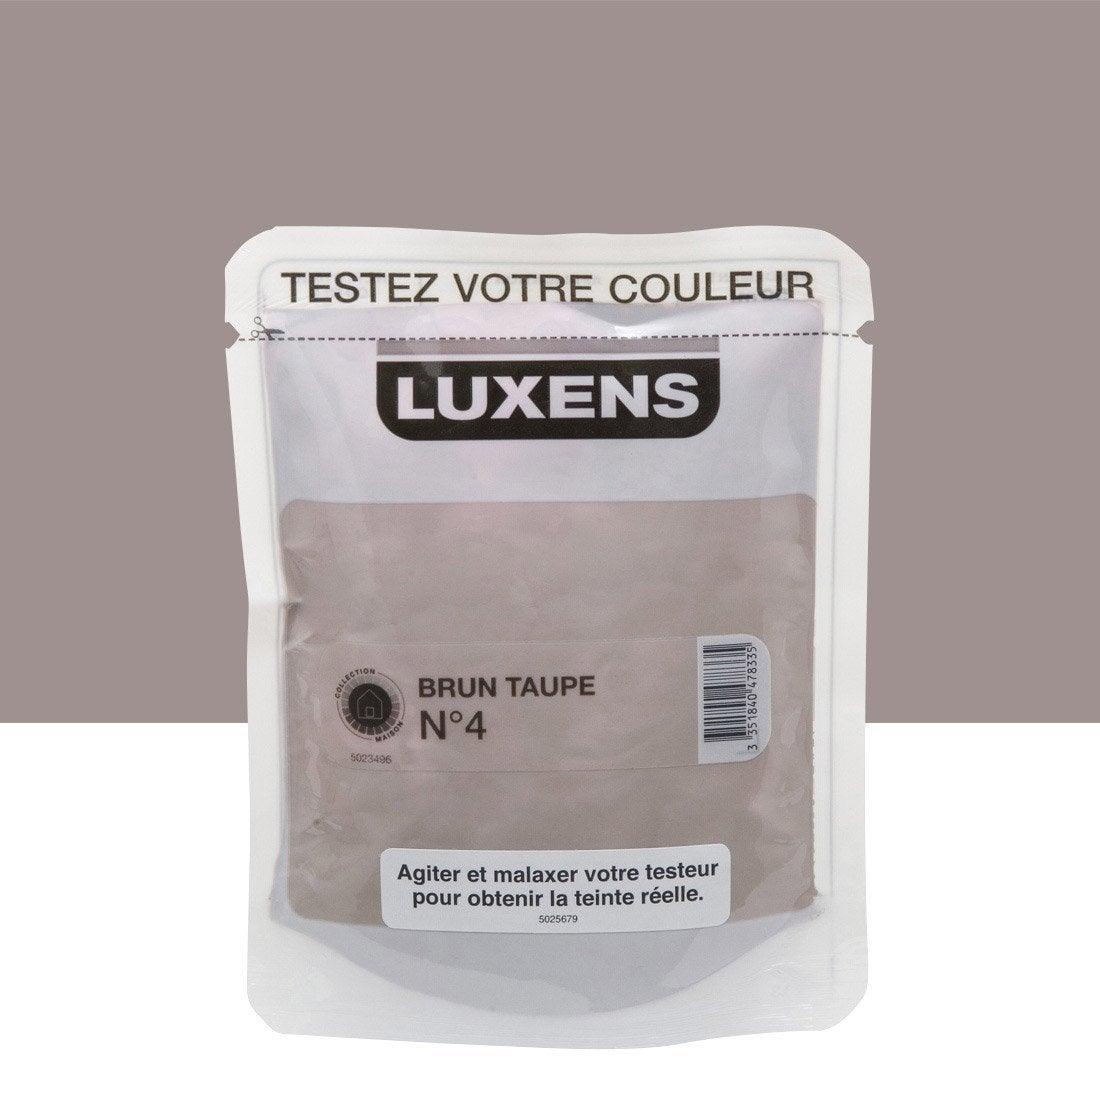 Testeur peinture brun taupe 4 luxens couleurs int rieures for Peinture gris taupe clair